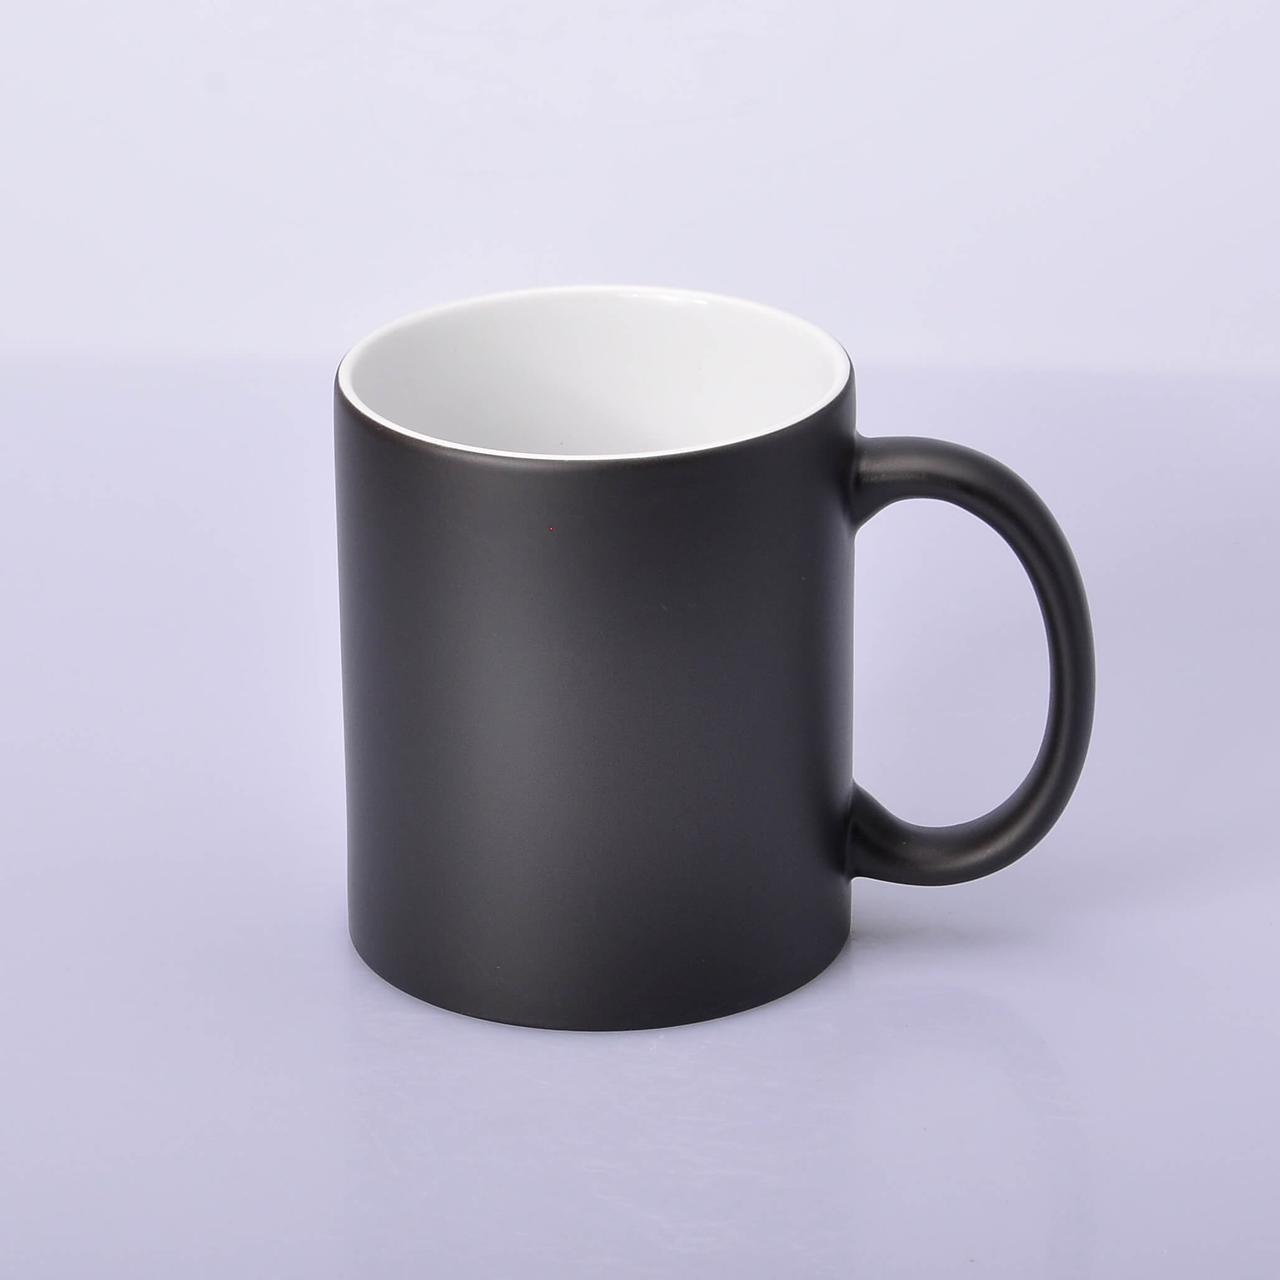 Чашка для сублимации хамелеон МАТОВЫЙ (черный)